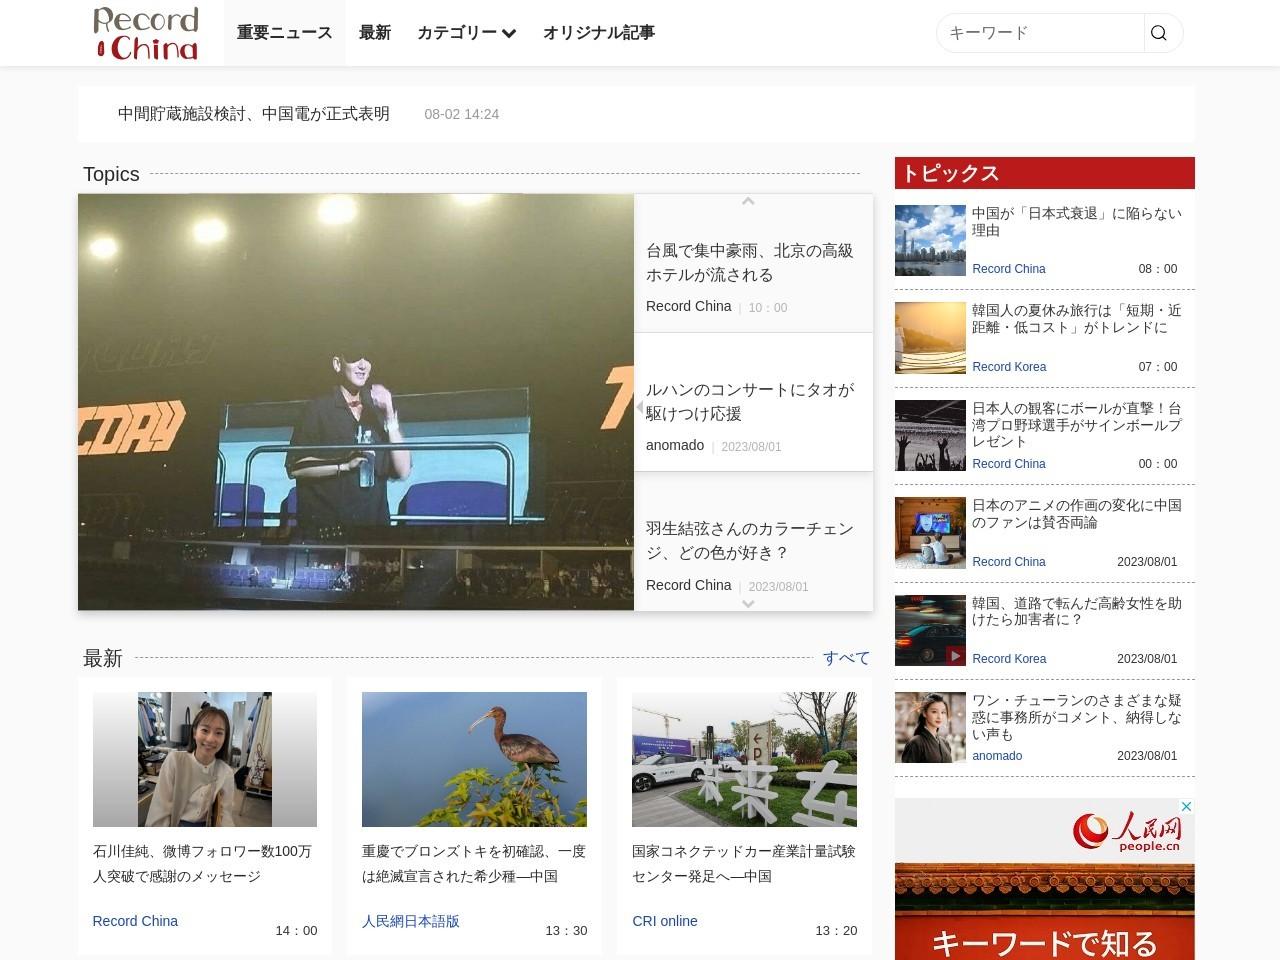 寺西優真「ムスカリ」レコチョク総合3位を獲得!映画「TOKYO24」主演にも抜擢